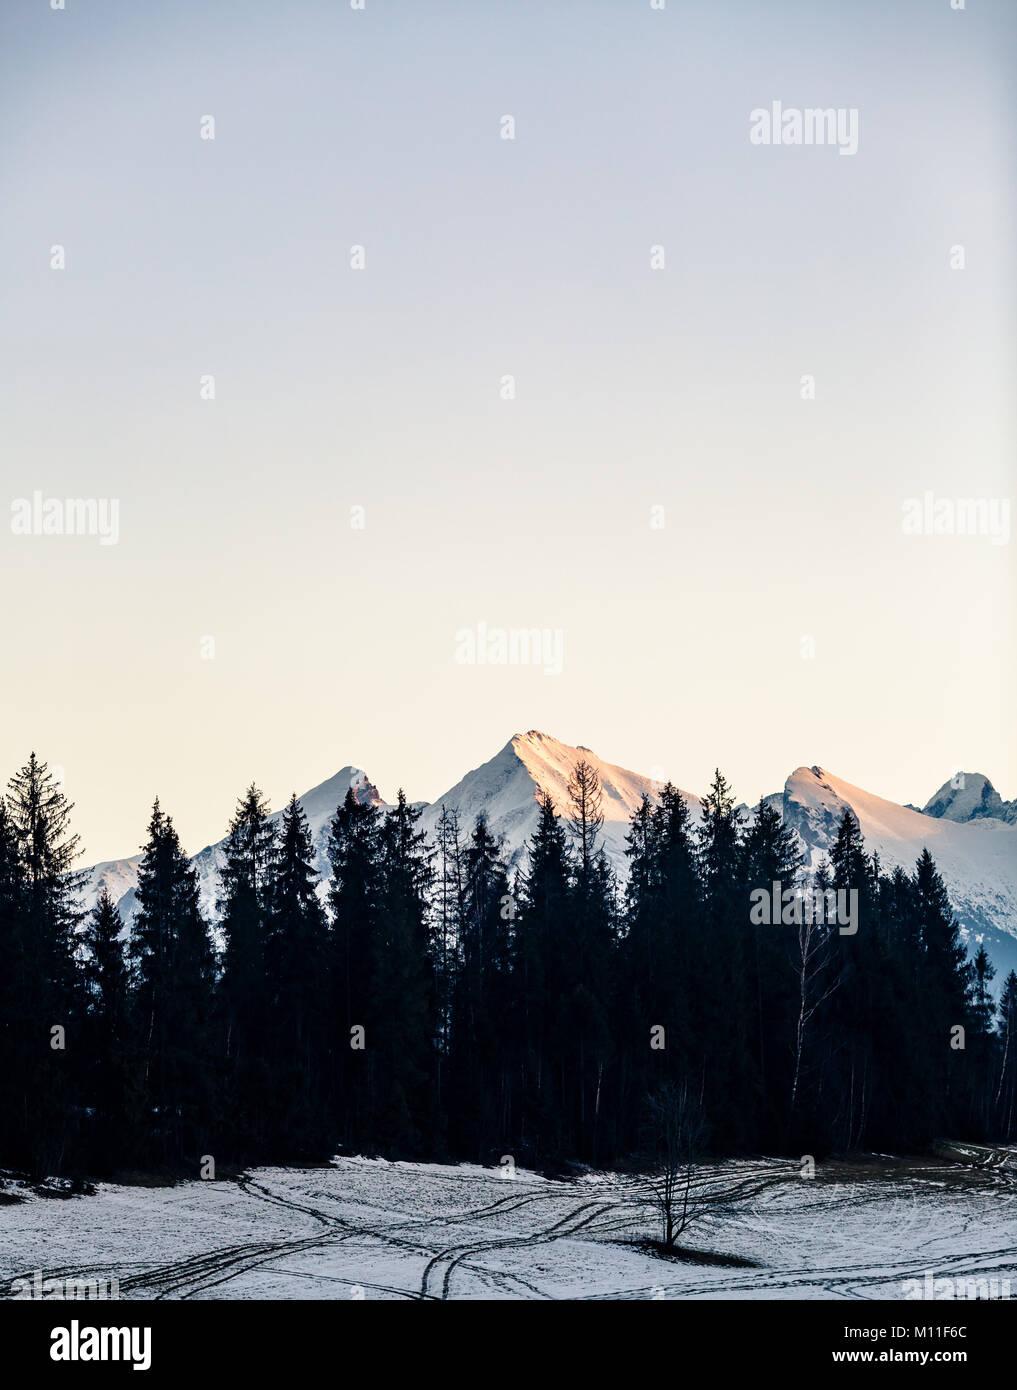 Les montagnes en hiver paysage inspirant Tatras. À la recherche de hautes montagnes Tatras au coucher du soleil Photo Stock